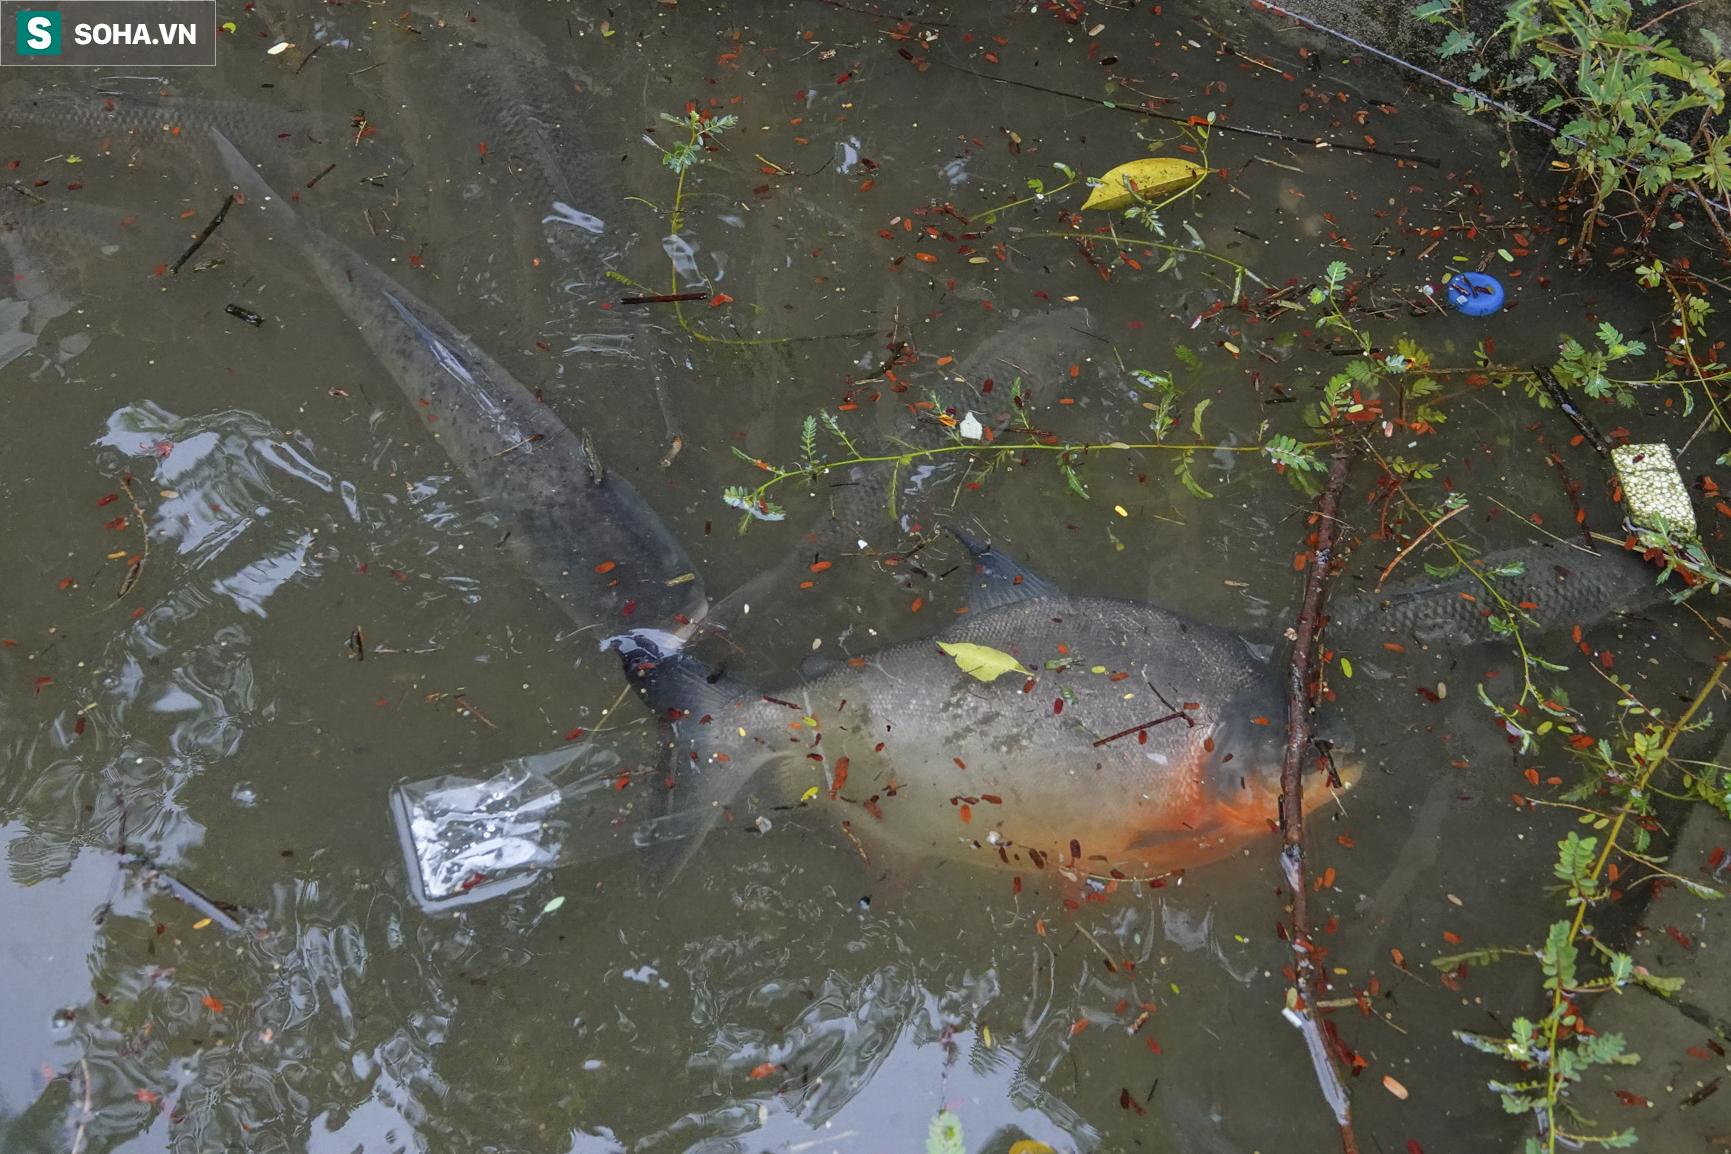 Nước sông Tô Lịch bỗng chuyển màu xanh ngắt hiếm thấy, người dân hân hoan bắt hàng tạ cá - Ảnh 5.